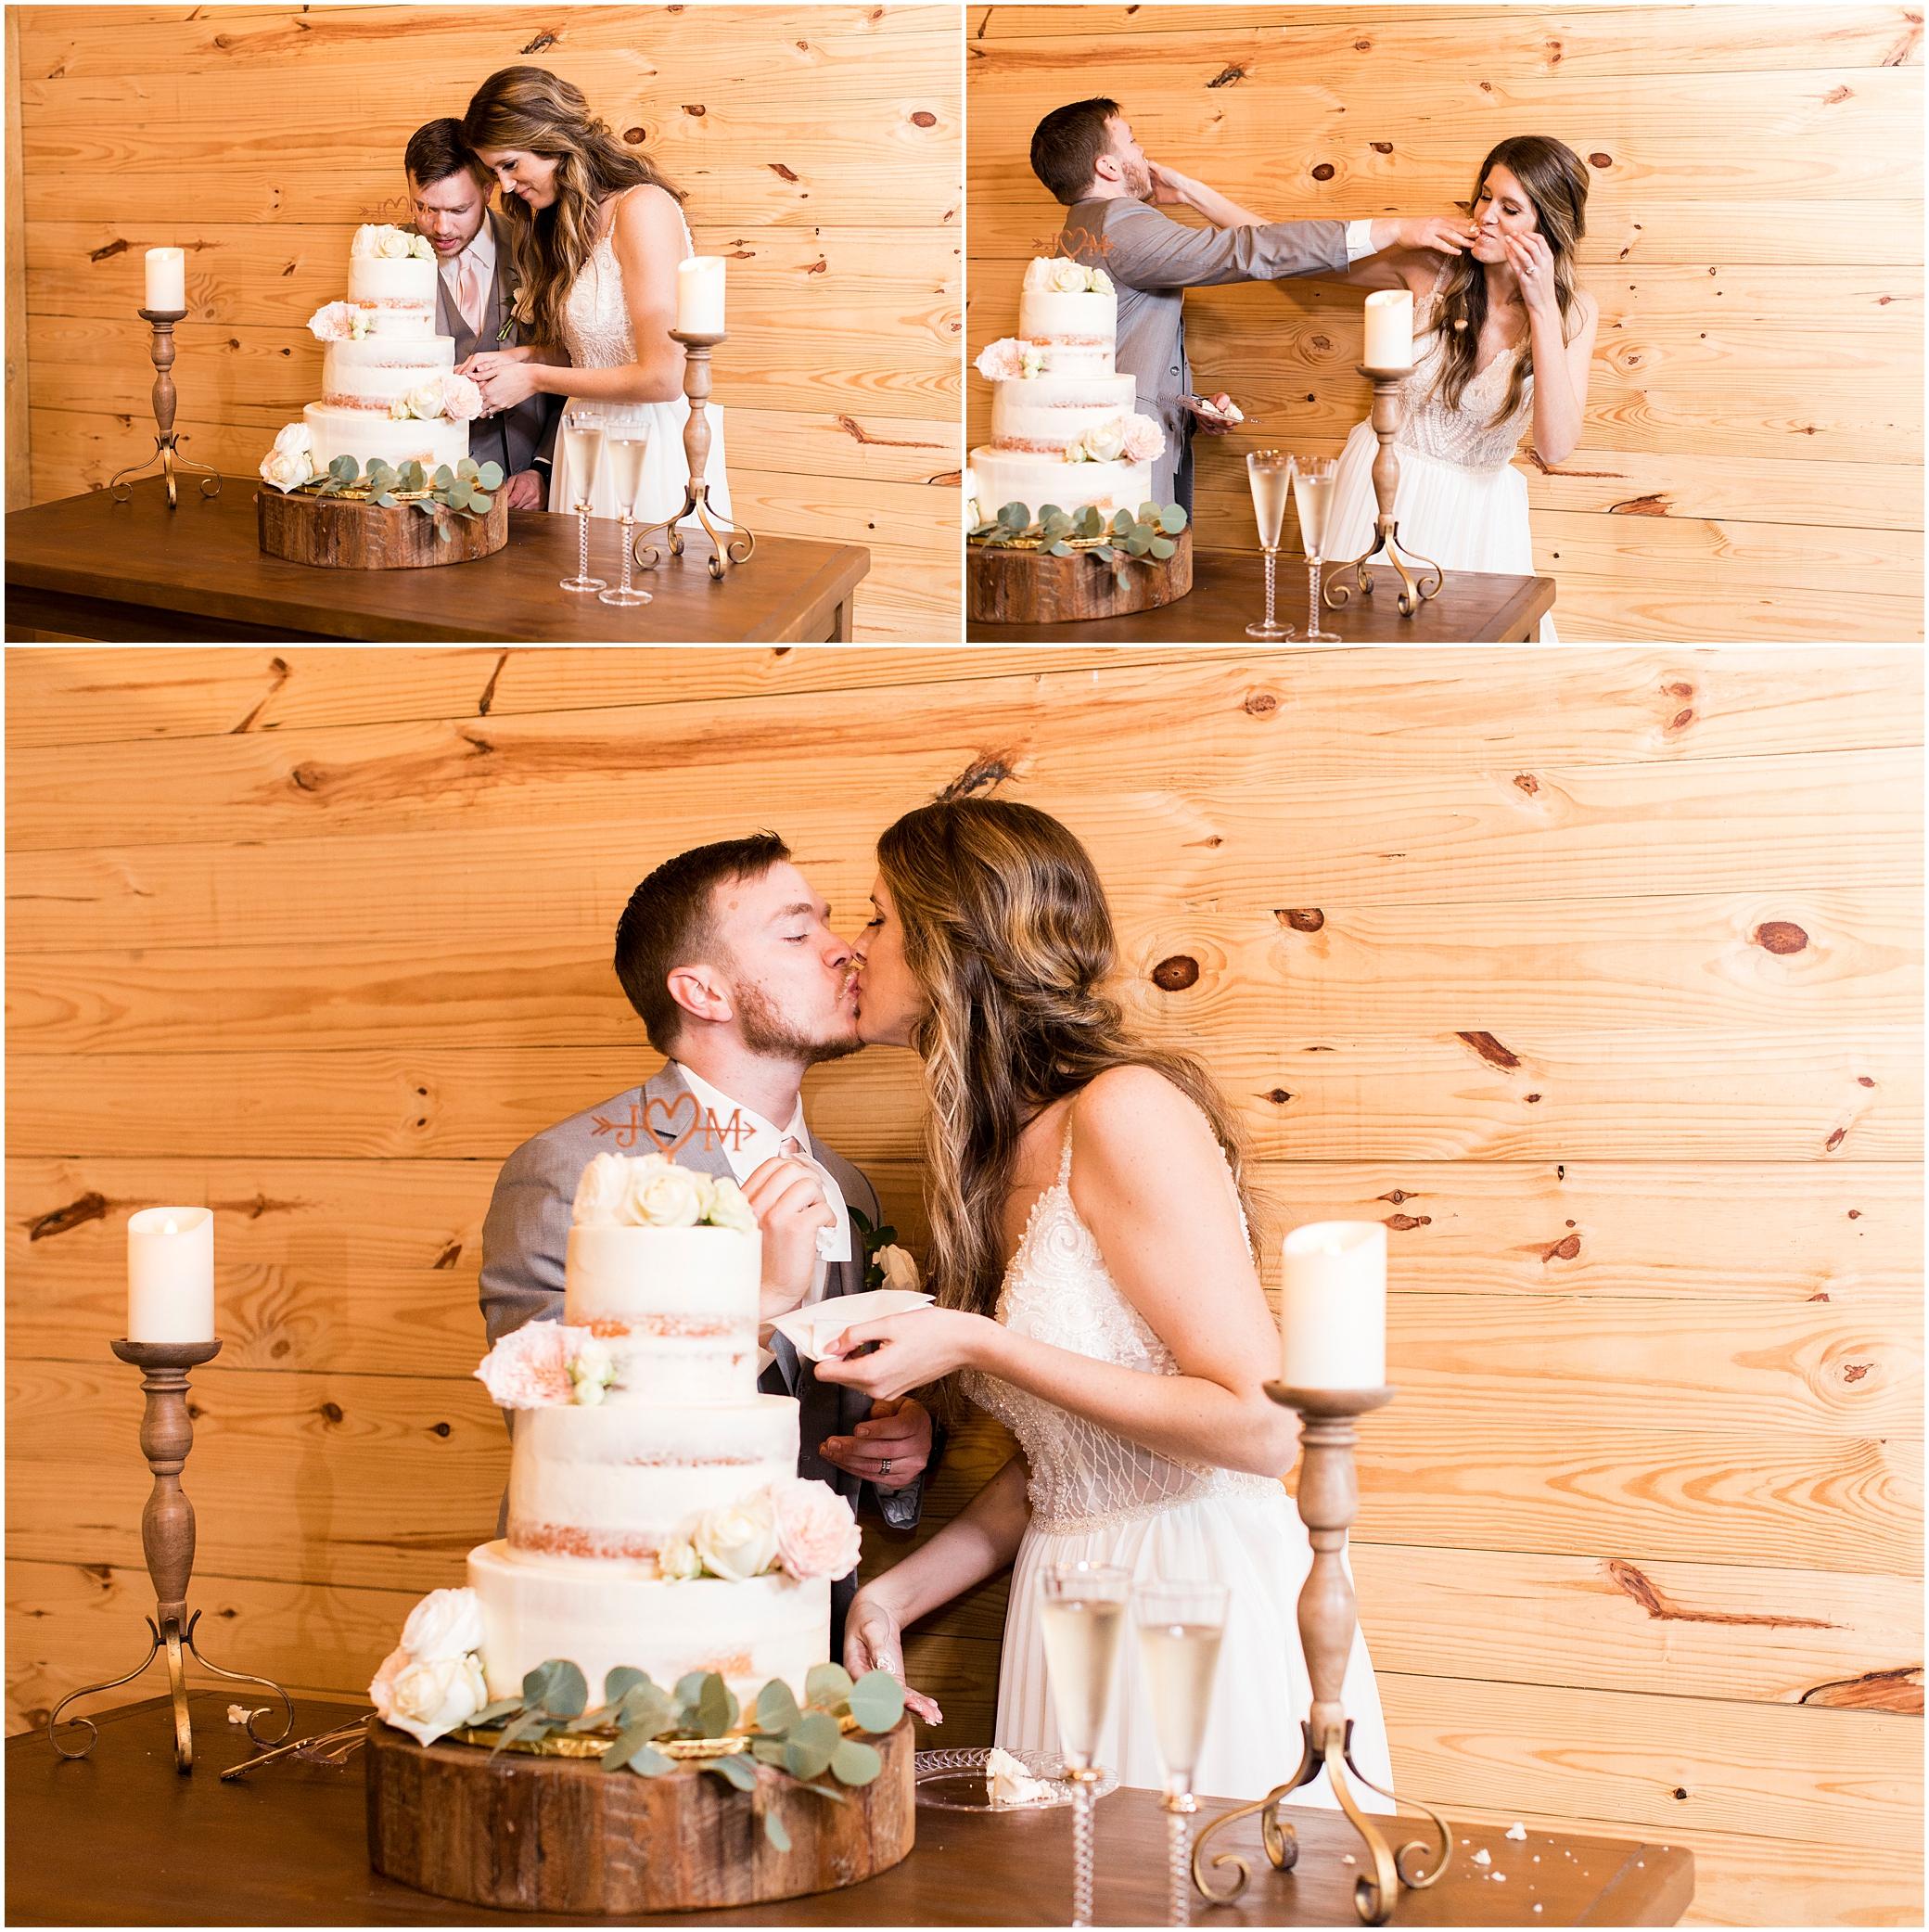 wedding reception in barn at sierra vista wedding, cutting the cake